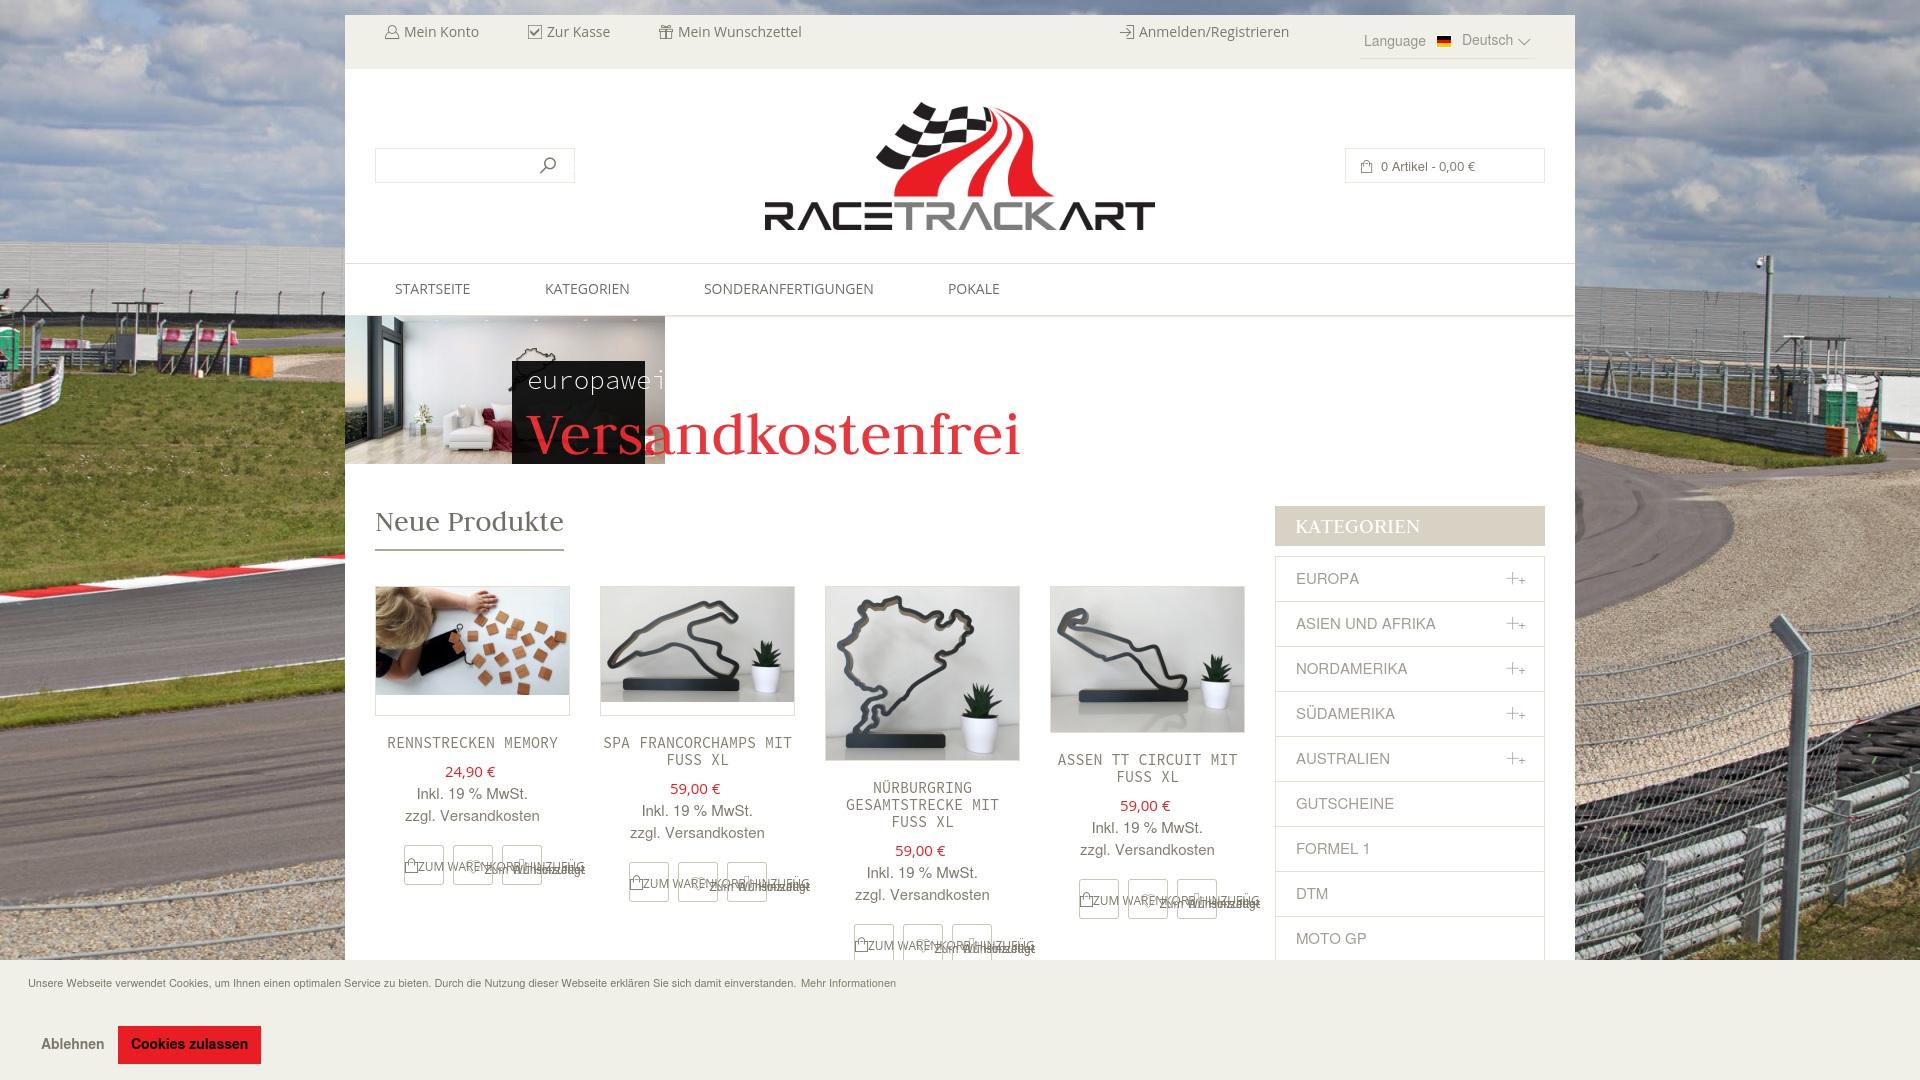 Gutschein für Racetrackart: Rabatte für  Racetrackart sichern